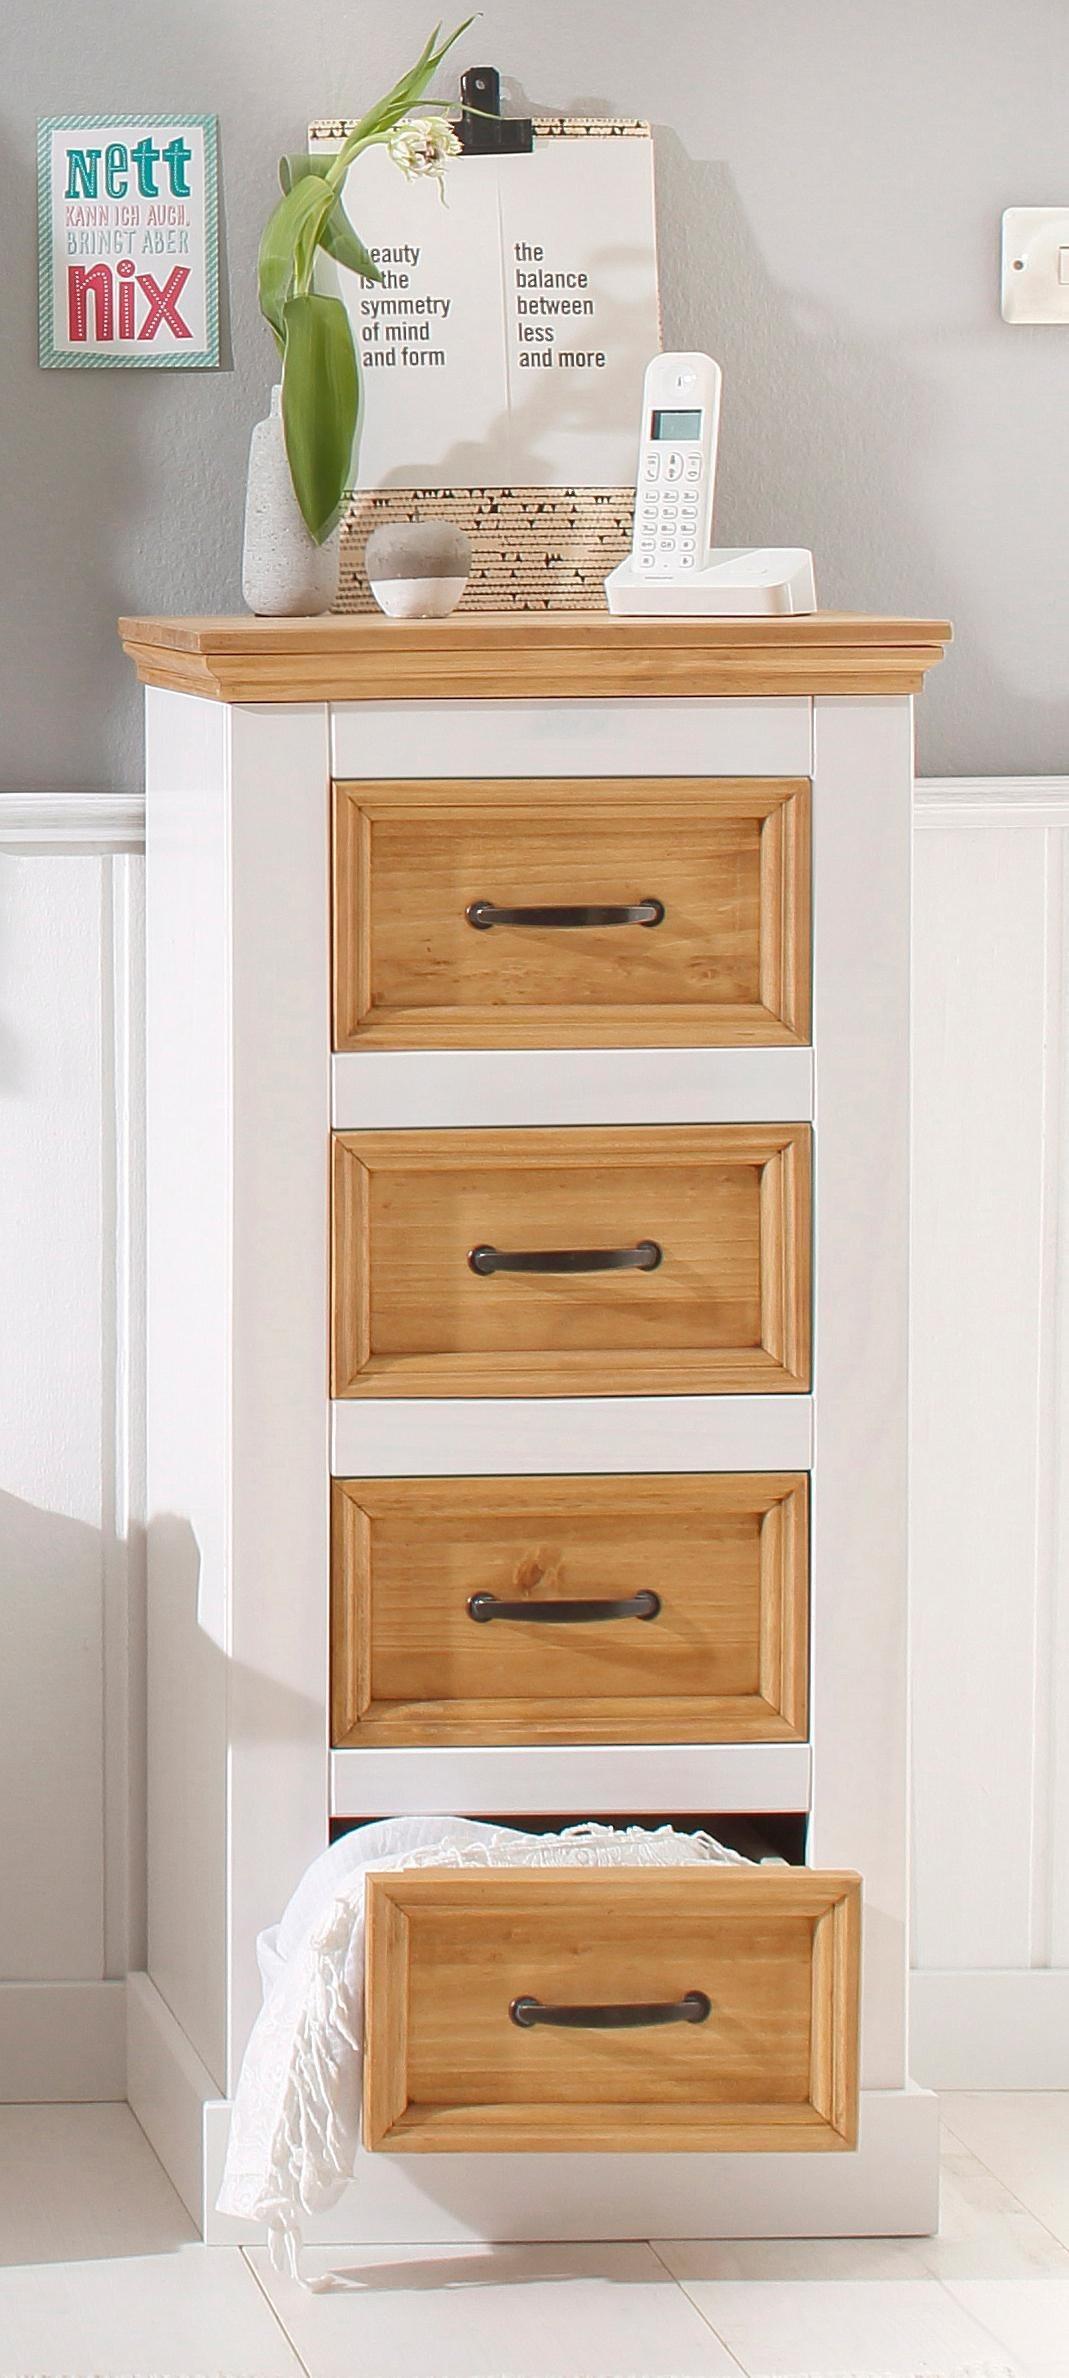 kommode 45 cm breit preisvergleich die besten angebote online kaufen. Black Bedroom Furniture Sets. Home Design Ideas